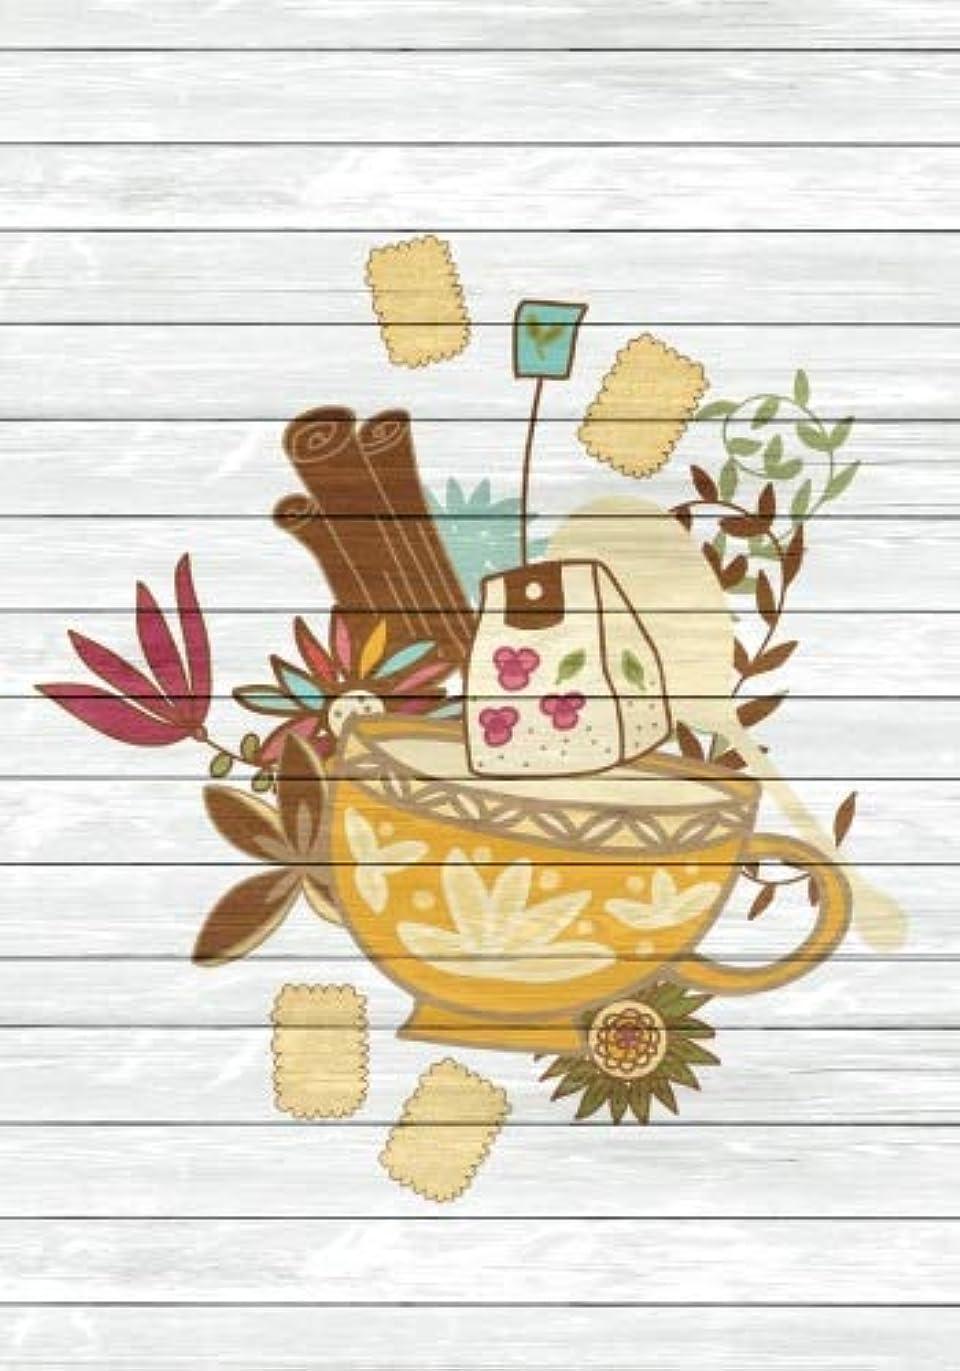 延ばすドライブ修理工Tea Time Creative Journal 3: (7 x 10)(Dot Grid) Blank Journal Notebook Organizer Planner Sketchbook Gratitude Diary Tea Cup Lover Flowers Spices Strainer Fruit Whimsical